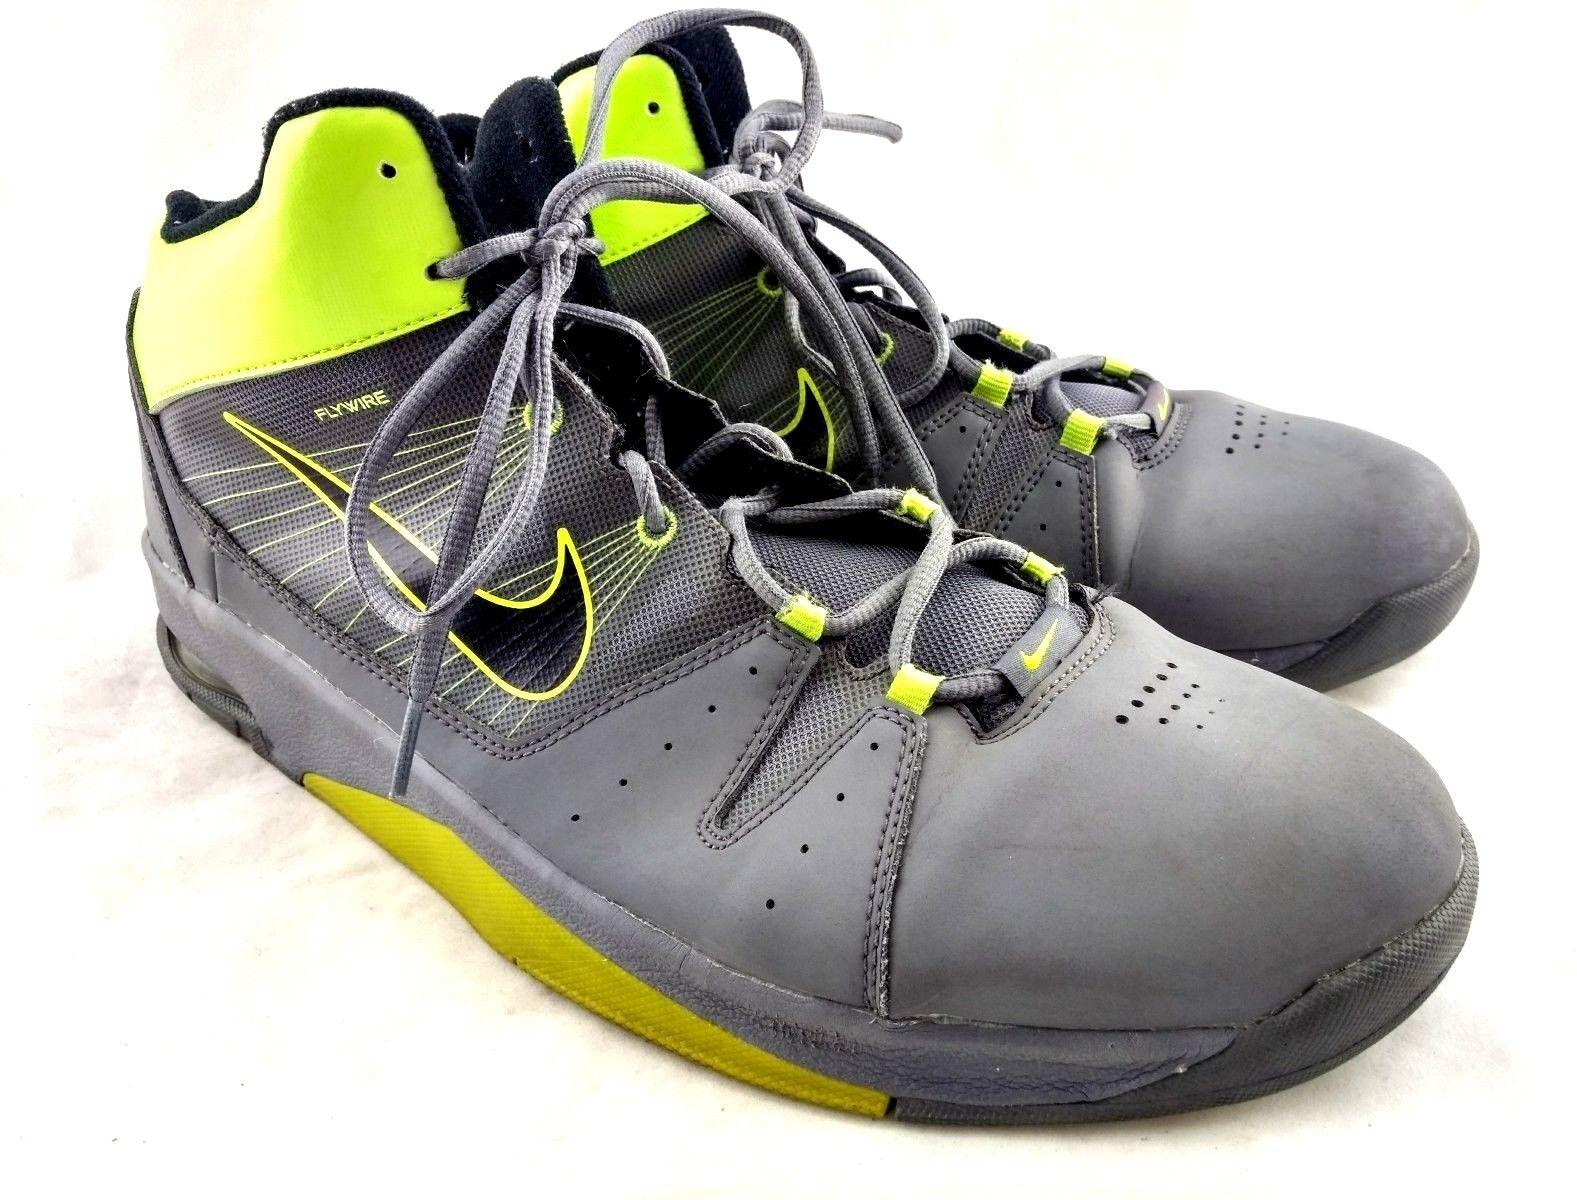 Nike Air flight jab Step 525742-003 Hombre sz Hi 15 UE 49,5 Hi sz top sneaker 33-11 el último descuento zapatos para hombres y mujeres d77965